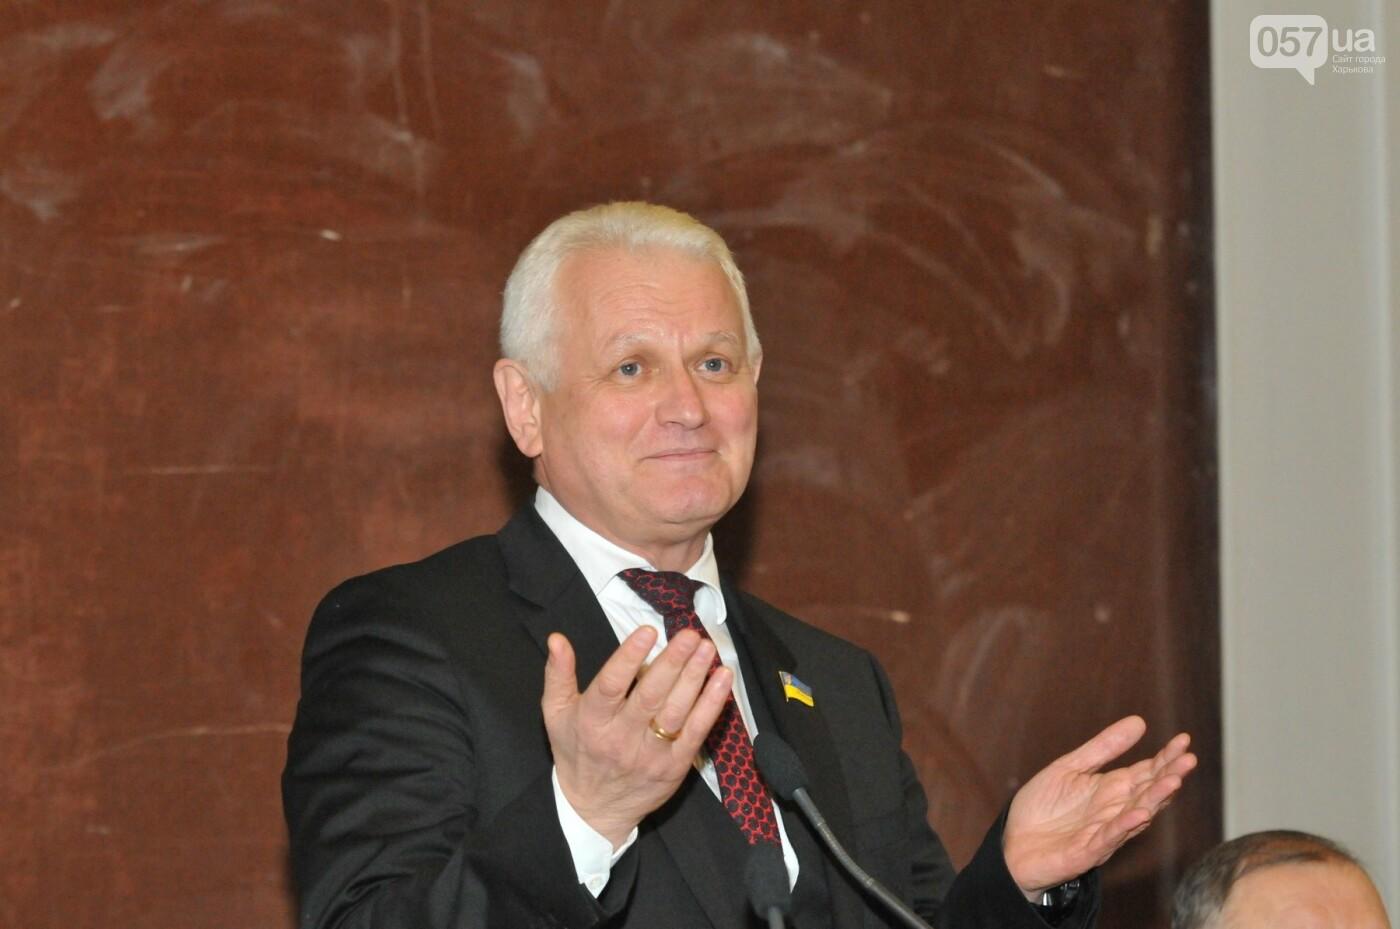 Руководитель комитета ВР по образованию и науке встретился с харьковскими педагогами, фото-1